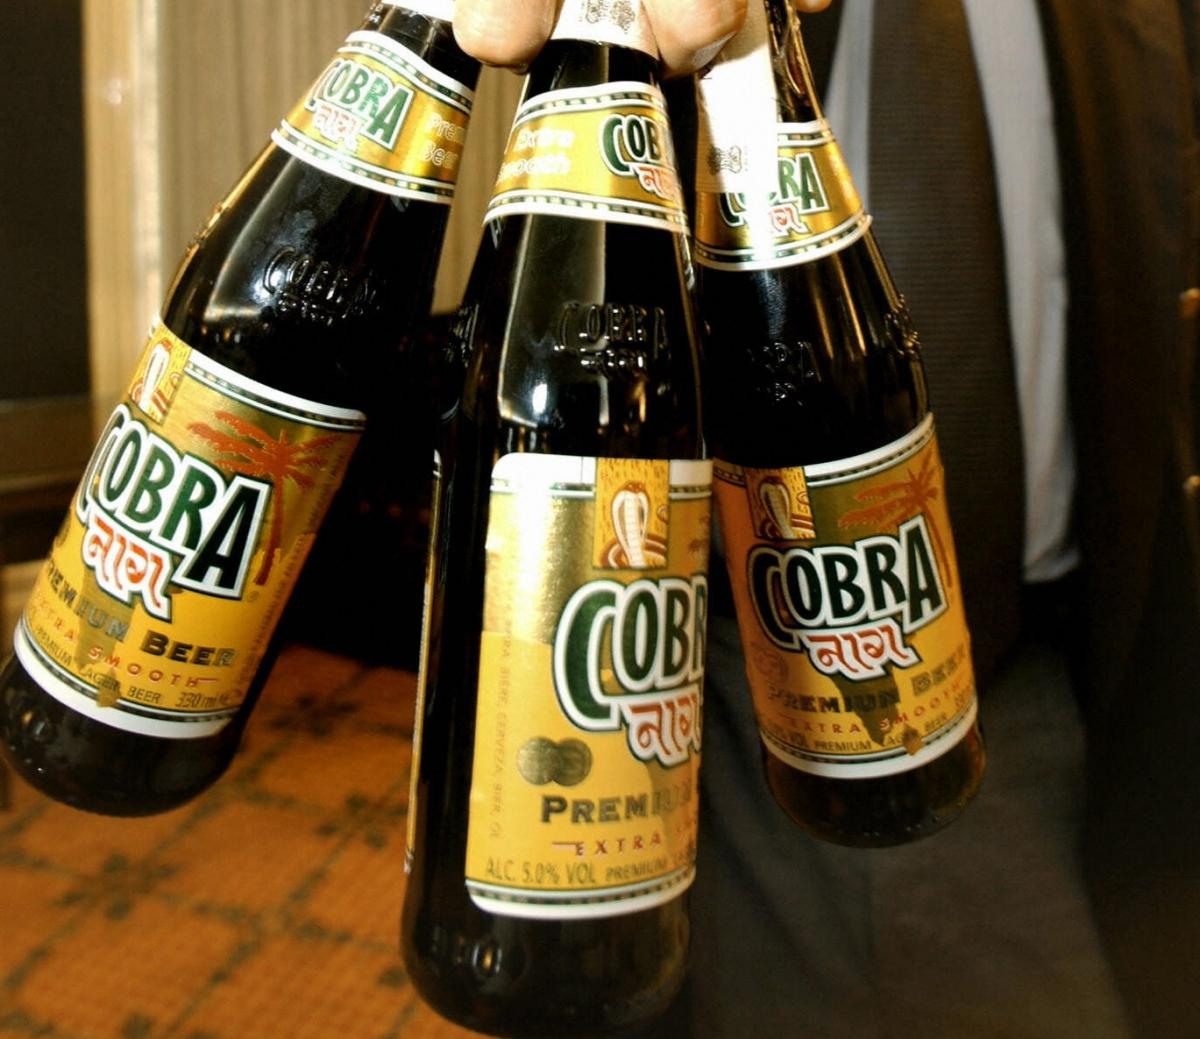 meet the boss cobra beer tower